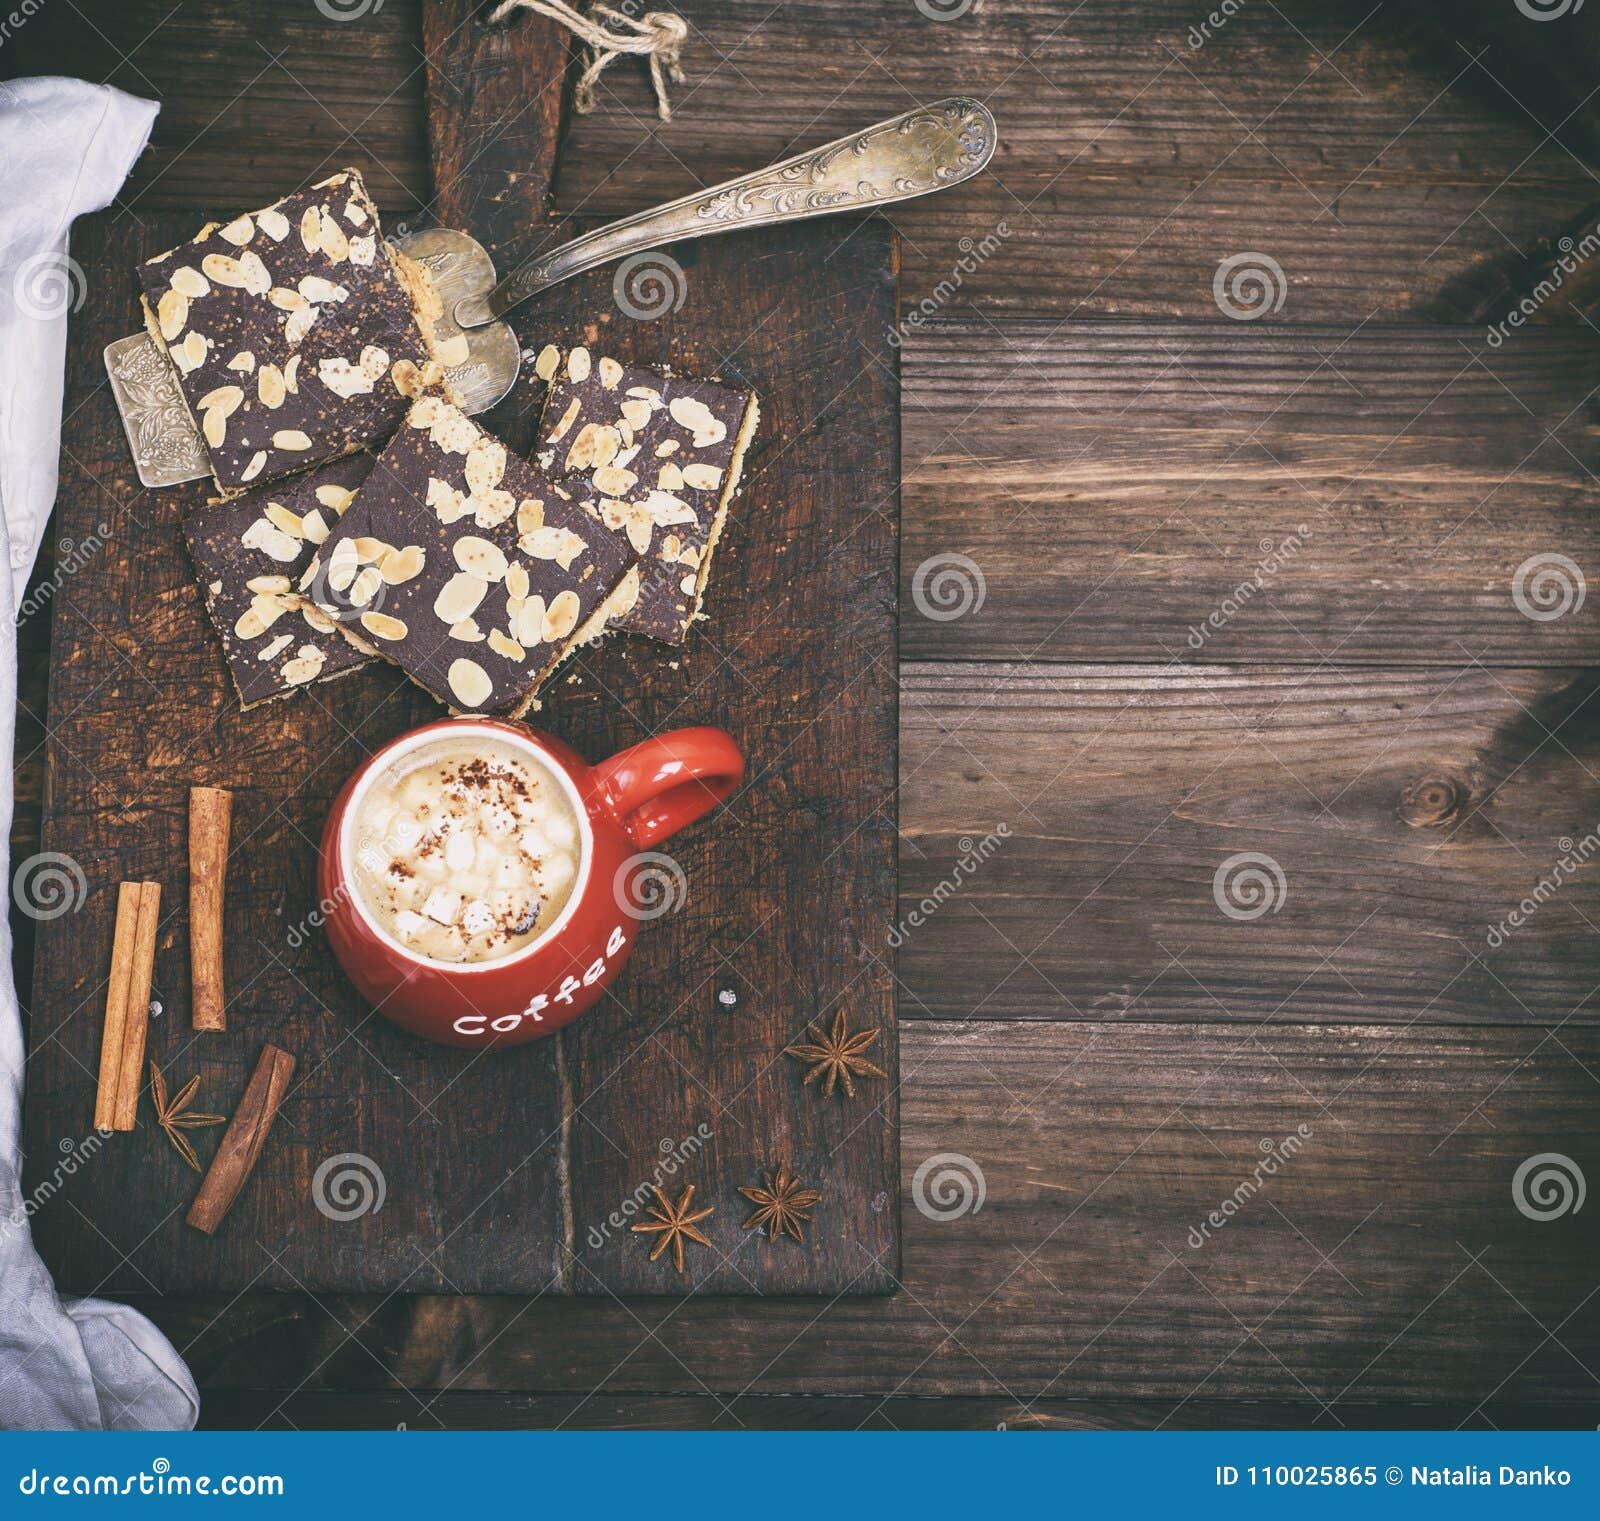 Zwarte koffie met heemst in een rode ceramische mok